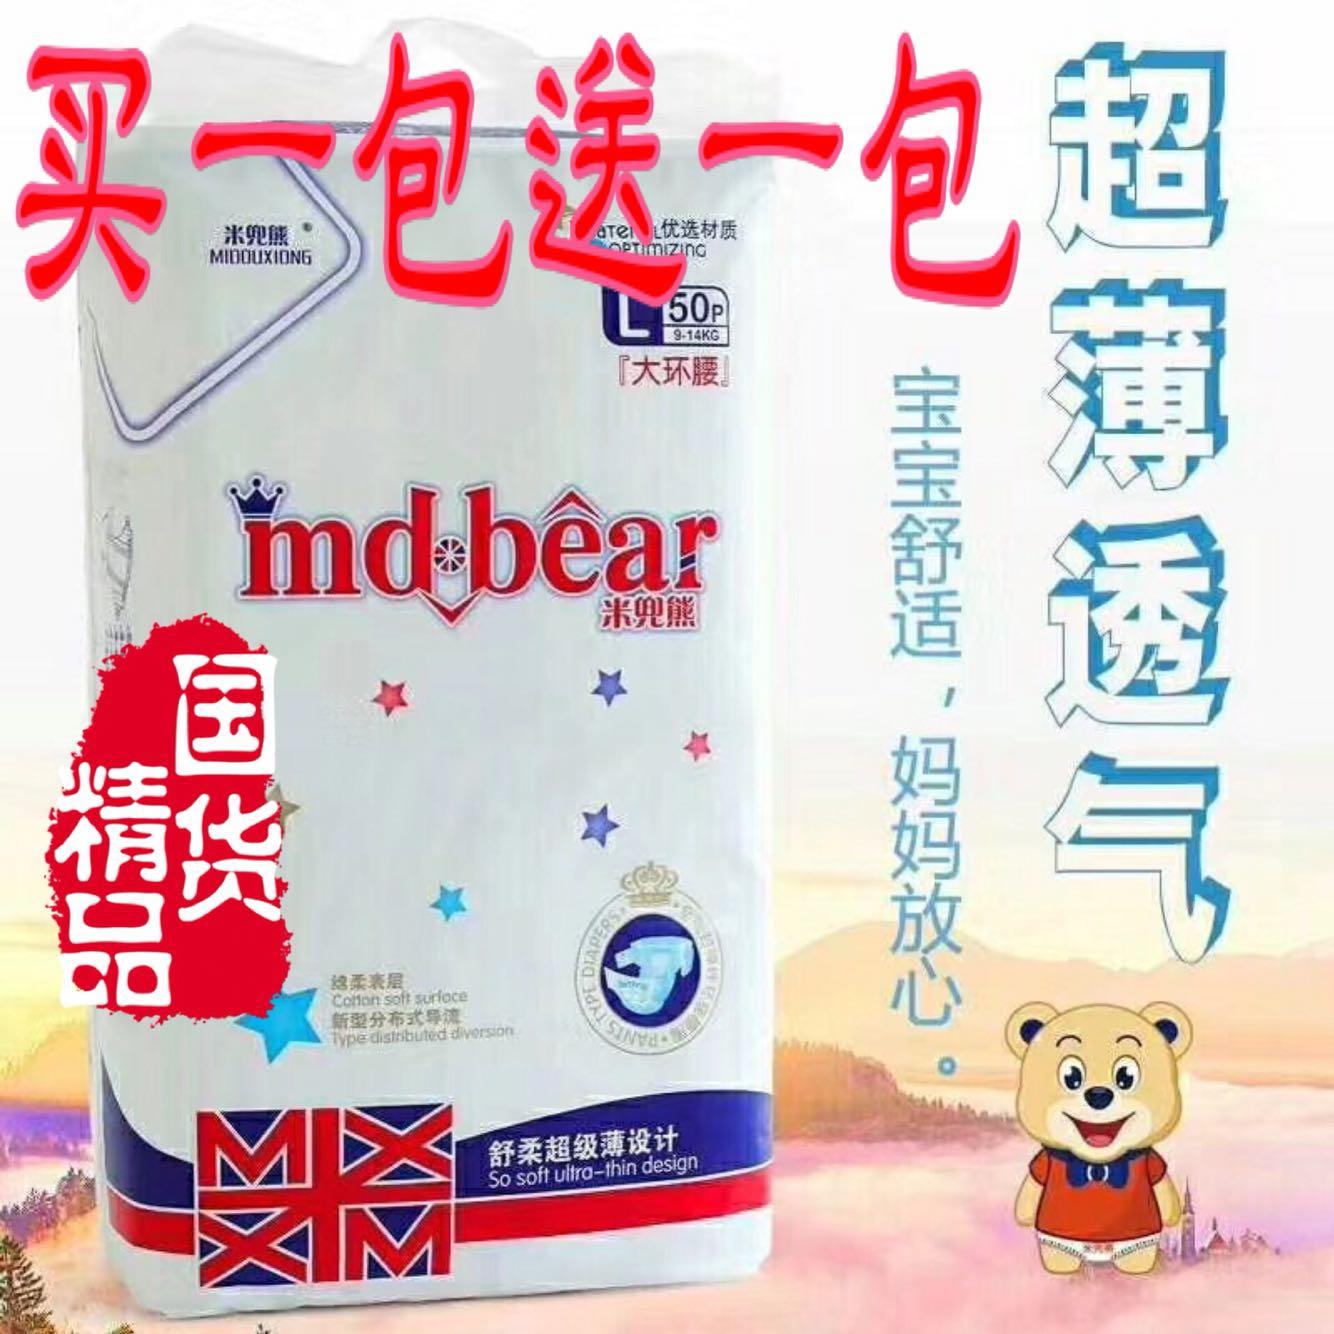 新款米兜熊纸尿裤尿不湿拉拉裤 超薄透气干爽 码全 特价包邮